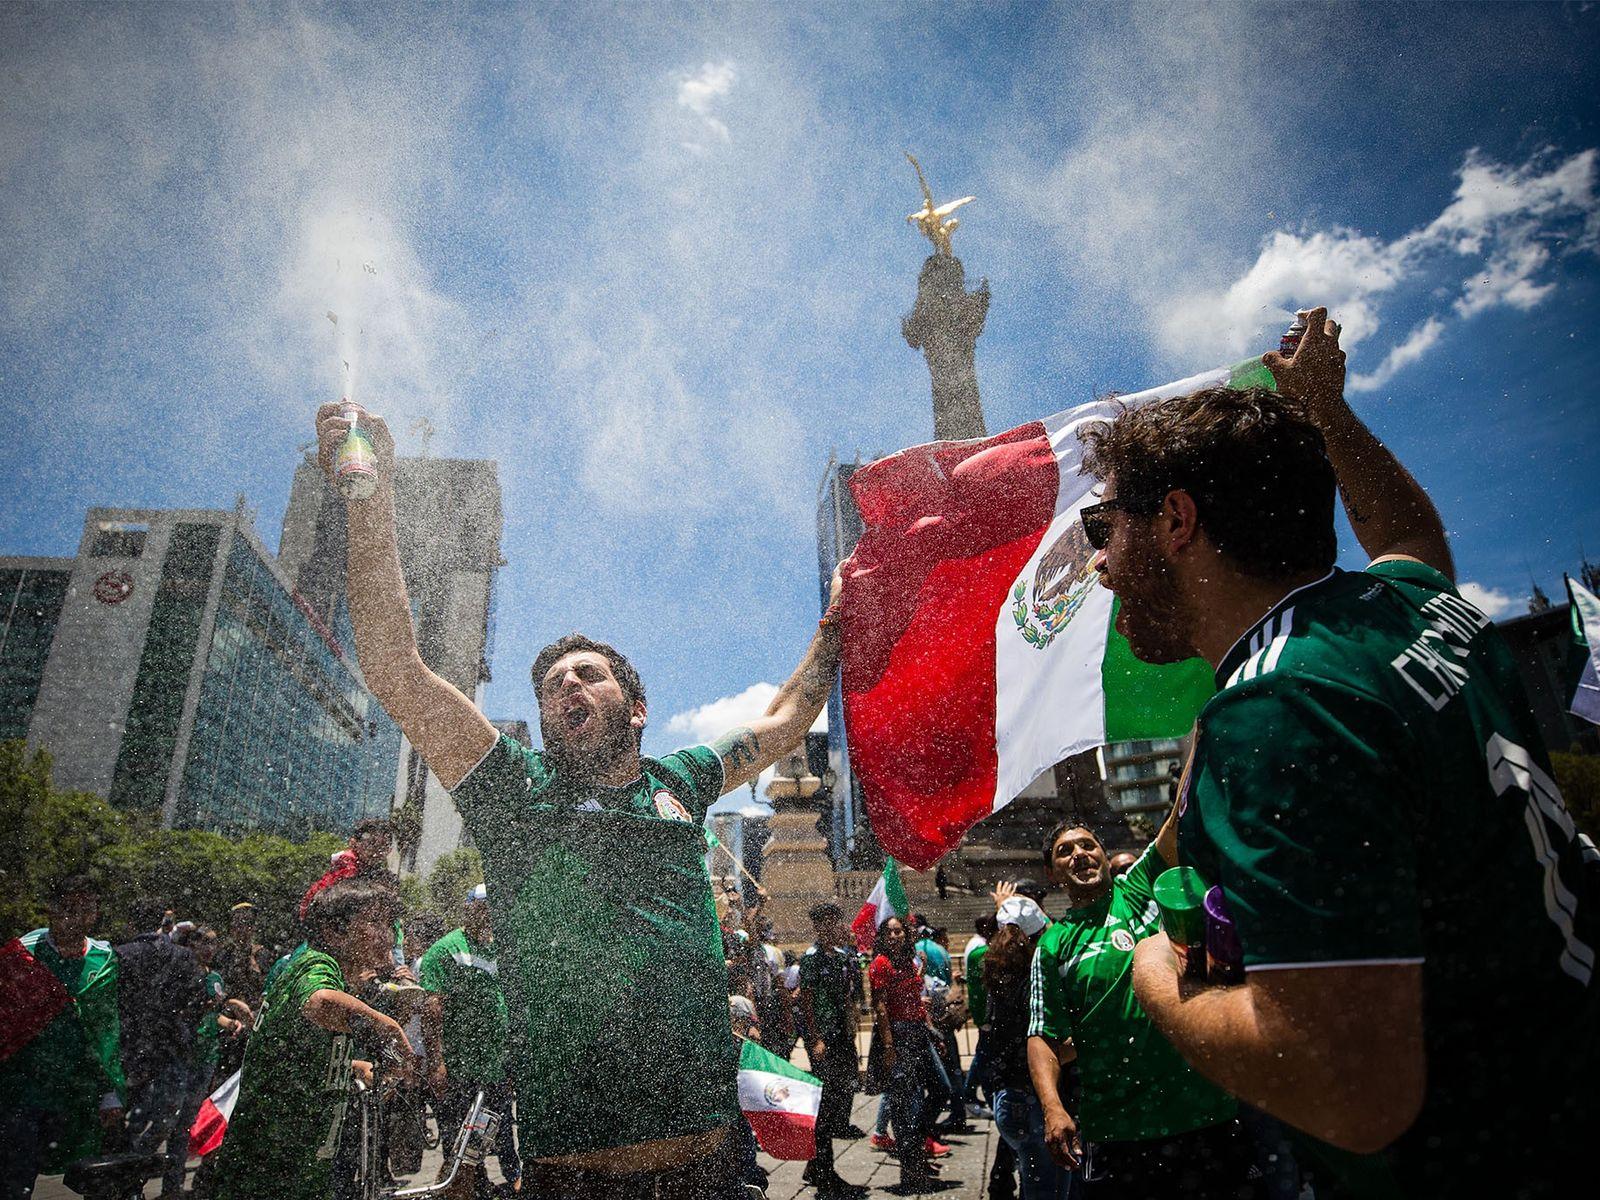 Adeptos celebram a vitória do México.